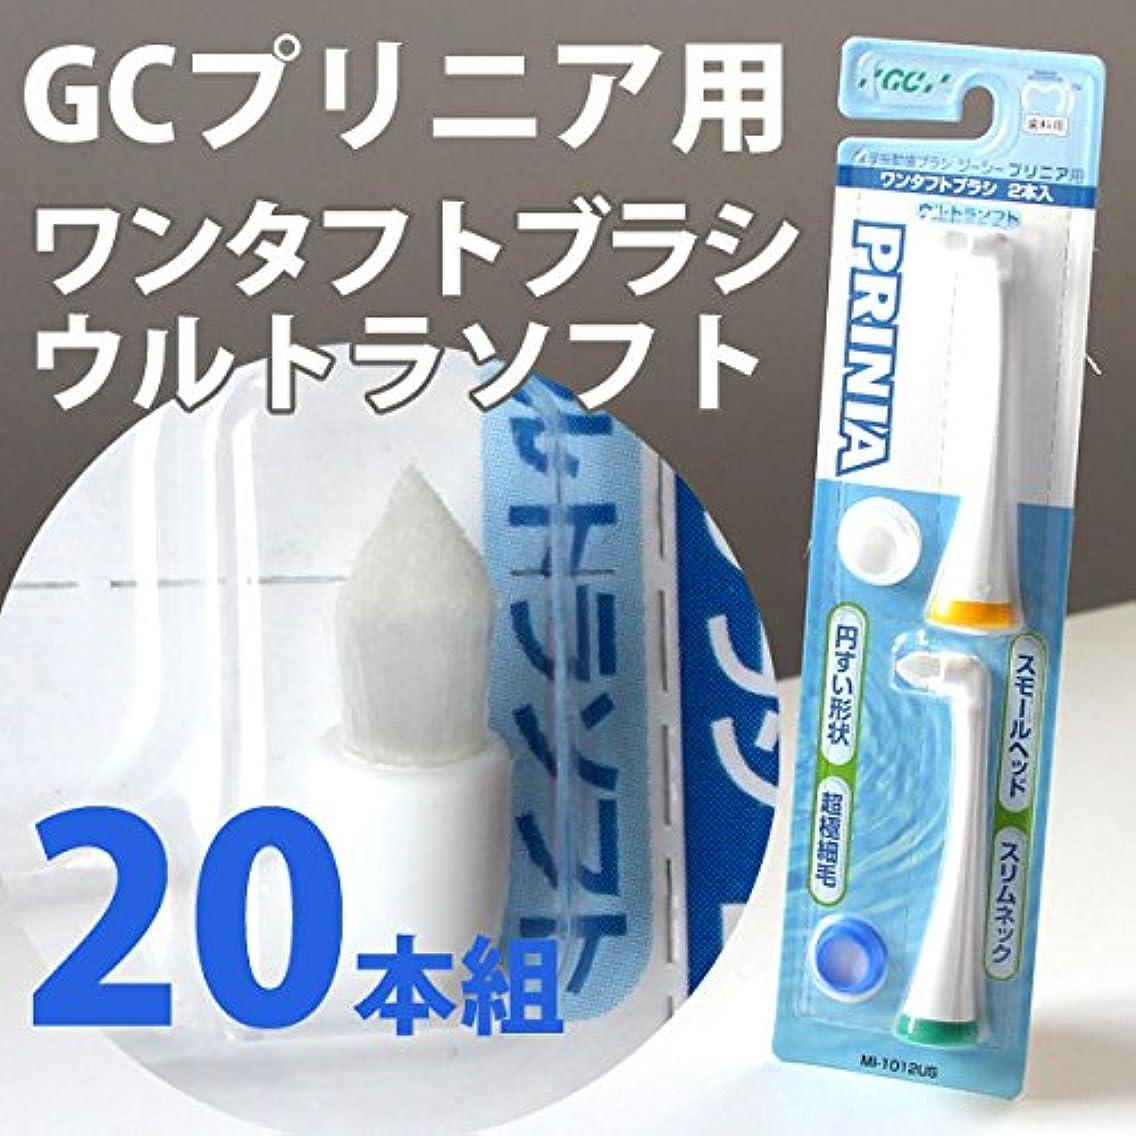 入り口スクラップ小康プリニア ワンタフト GC 音波振動歯ブラシ プリニアスリム 替えブラシ ブラシ(ウルトラソフト) 10セットル便